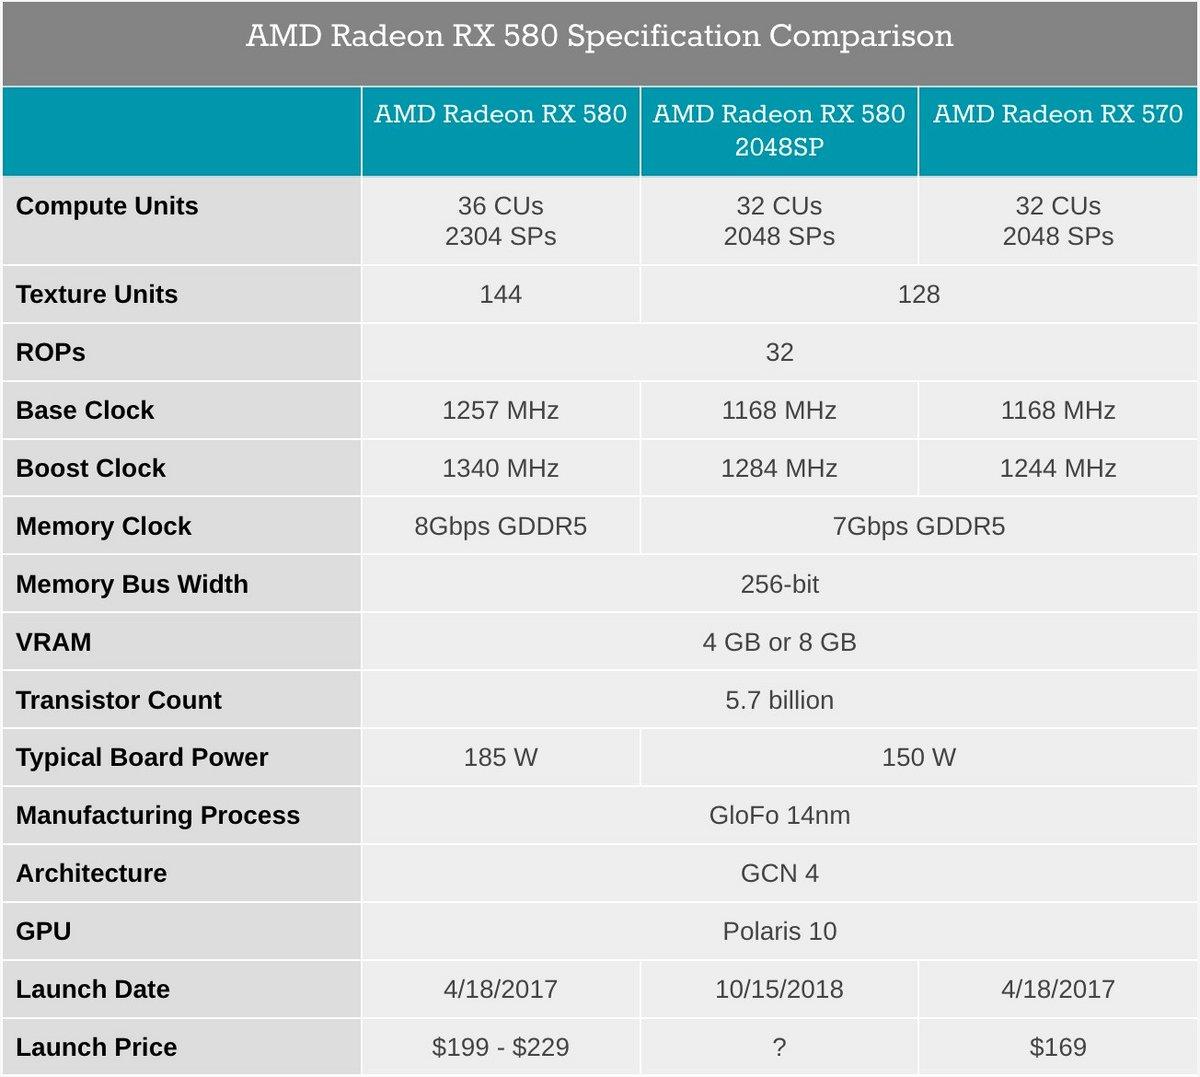 RX 580 2048SP specs